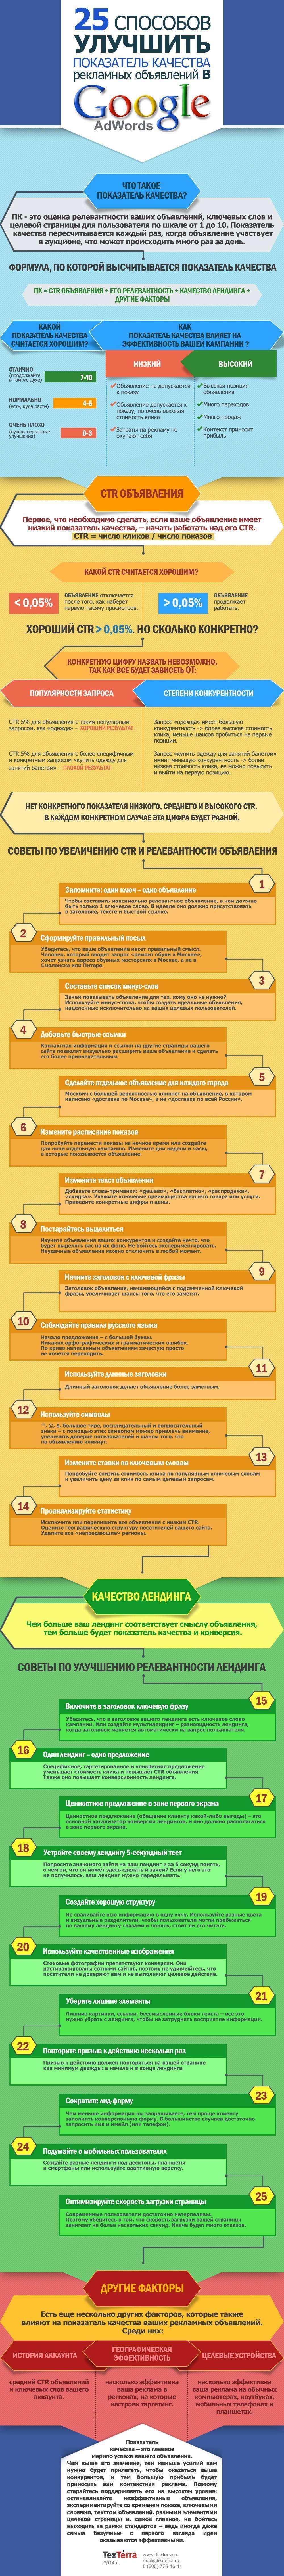 25 способів поліпшити показник якості рекламних оголошень в Google Adwords (інфографіка)